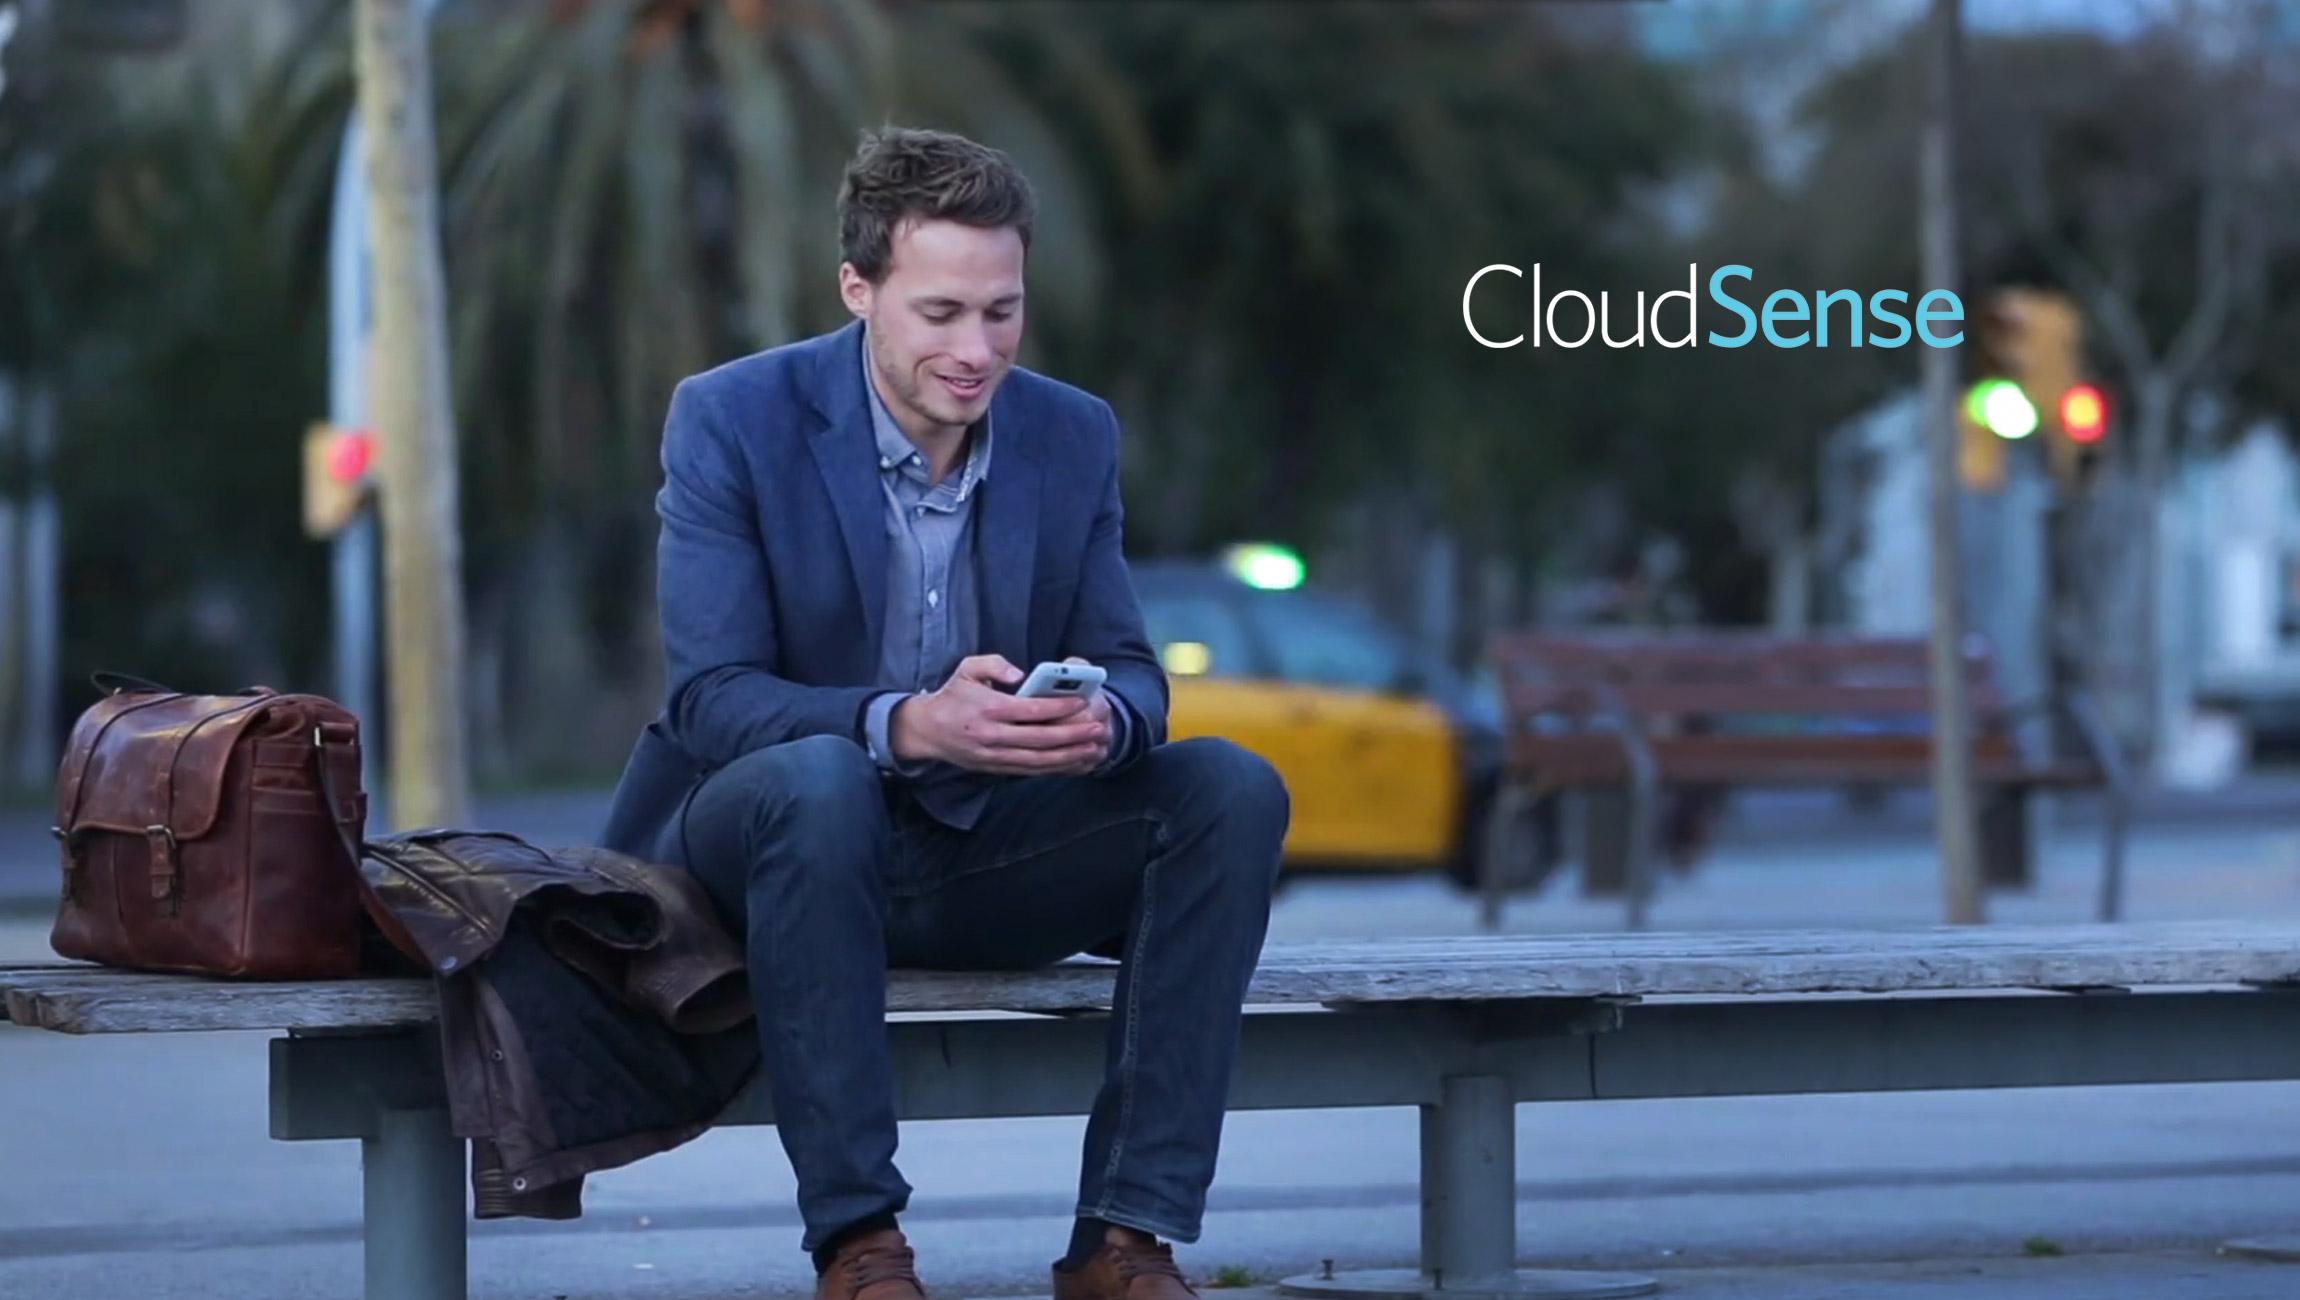 CloudSense